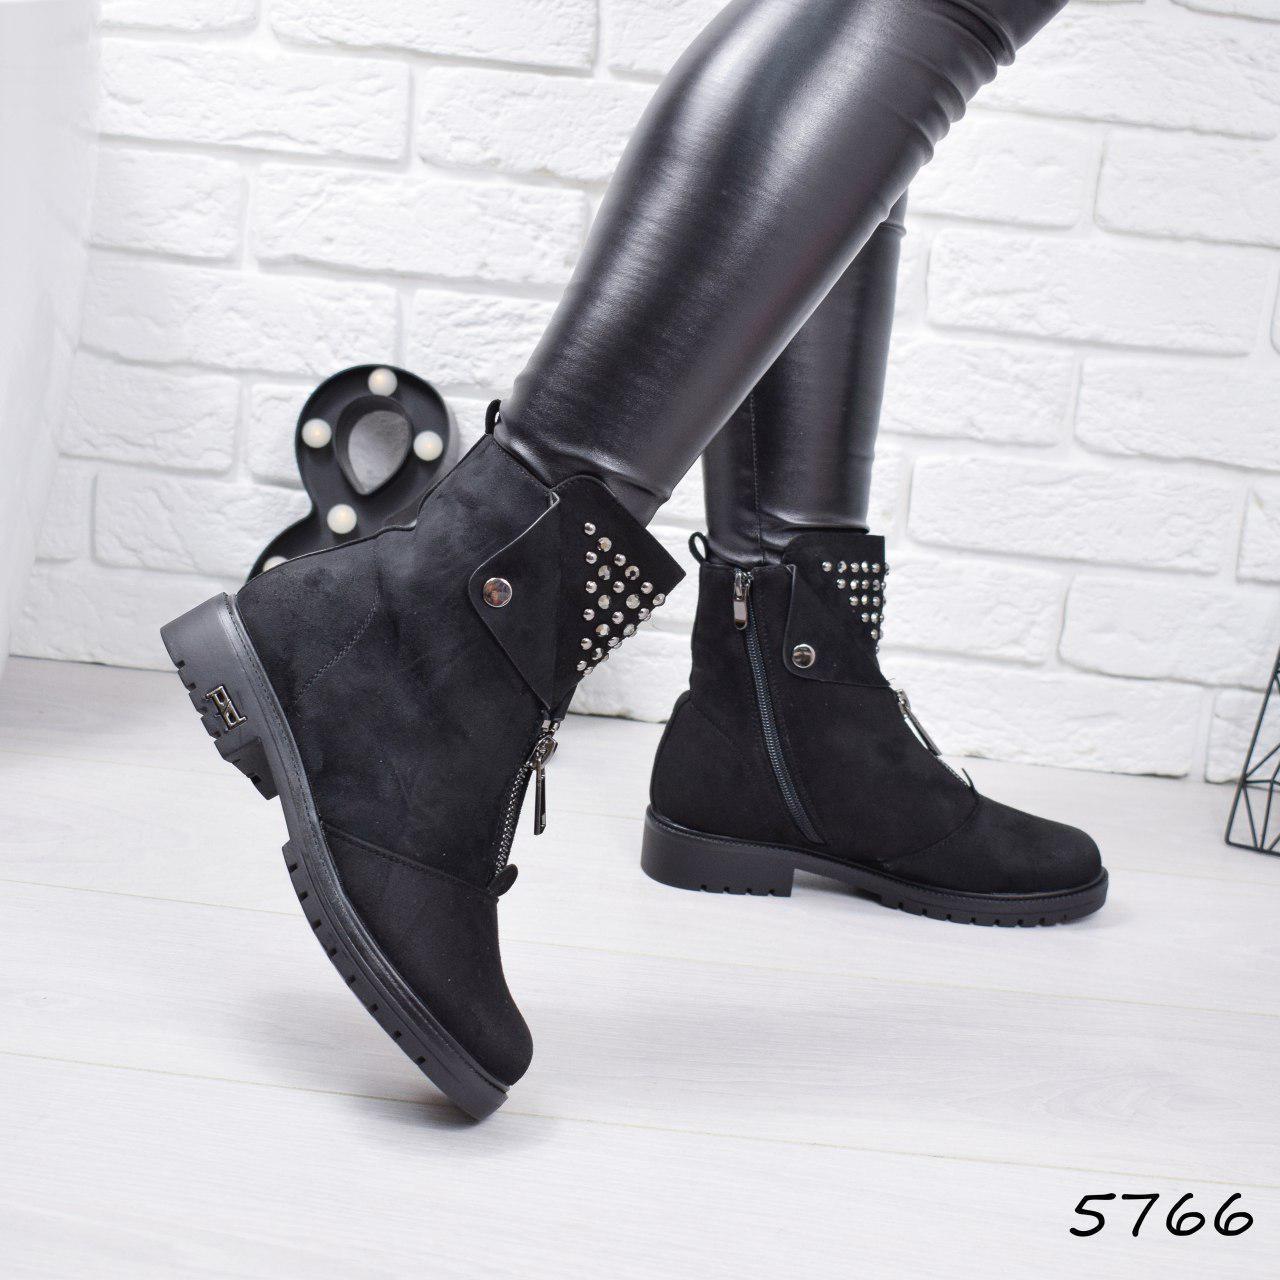 """Ботинки, ботильоны черные ЗИМА """"Arina"""" эко замша, повседневная, зимняя, теплая, женская обувь"""